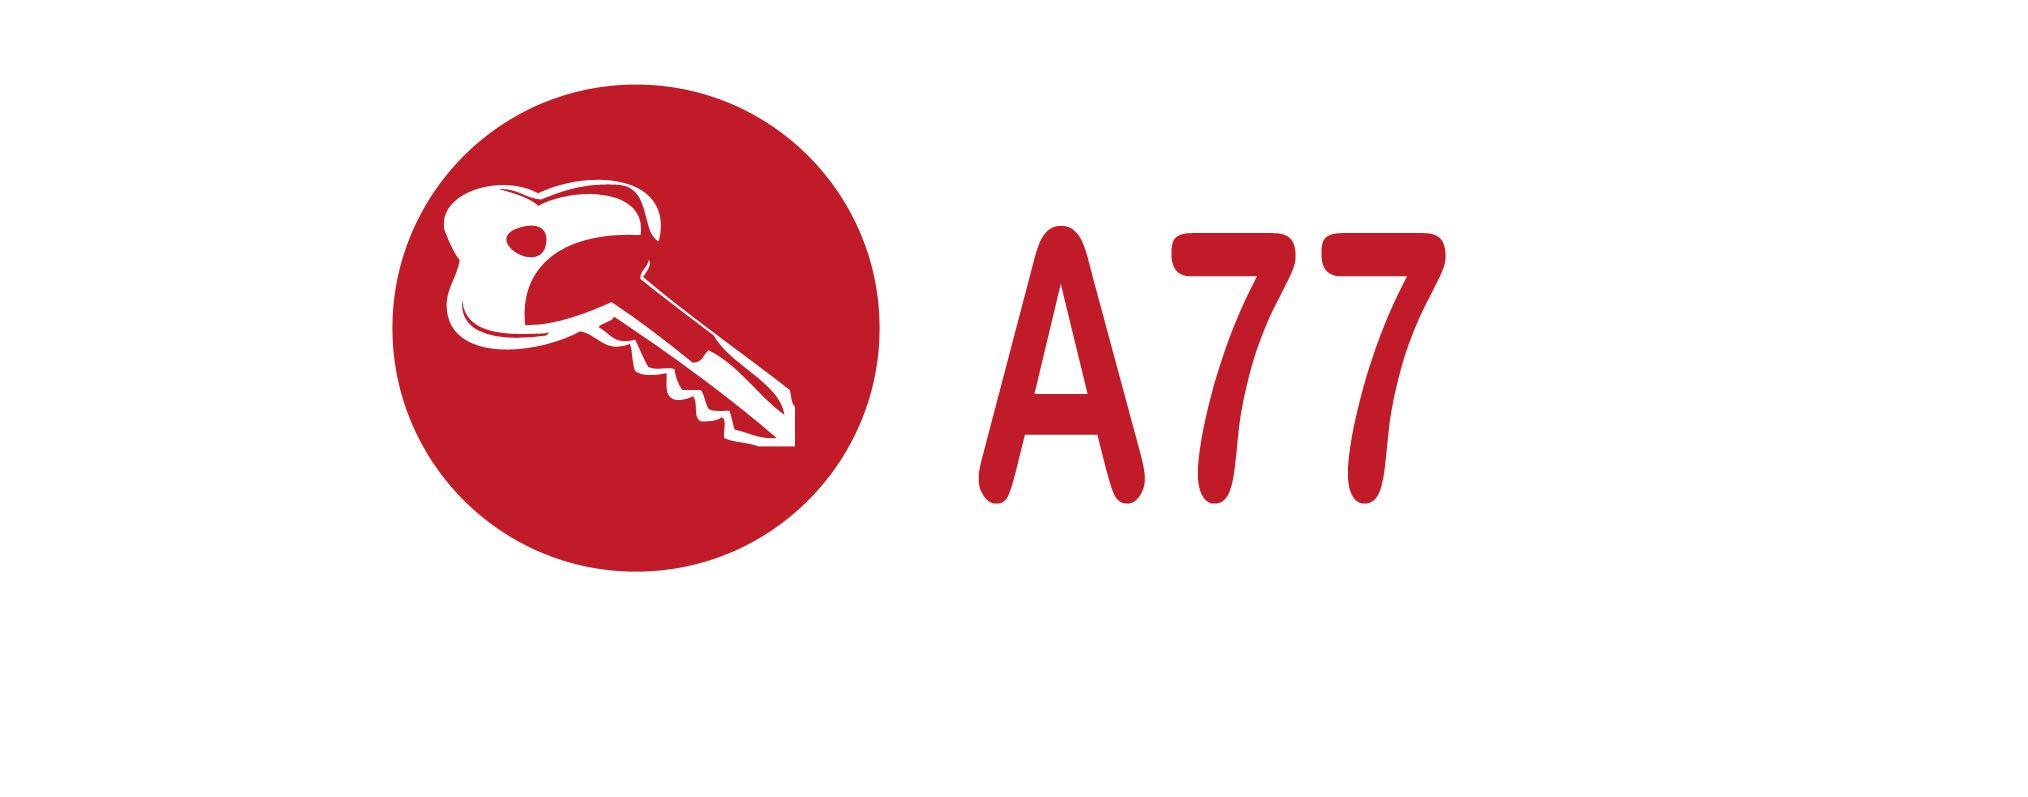 Лого для сайта по коммерческой недвижимости A77.RU - дизайнер Andrey17061706